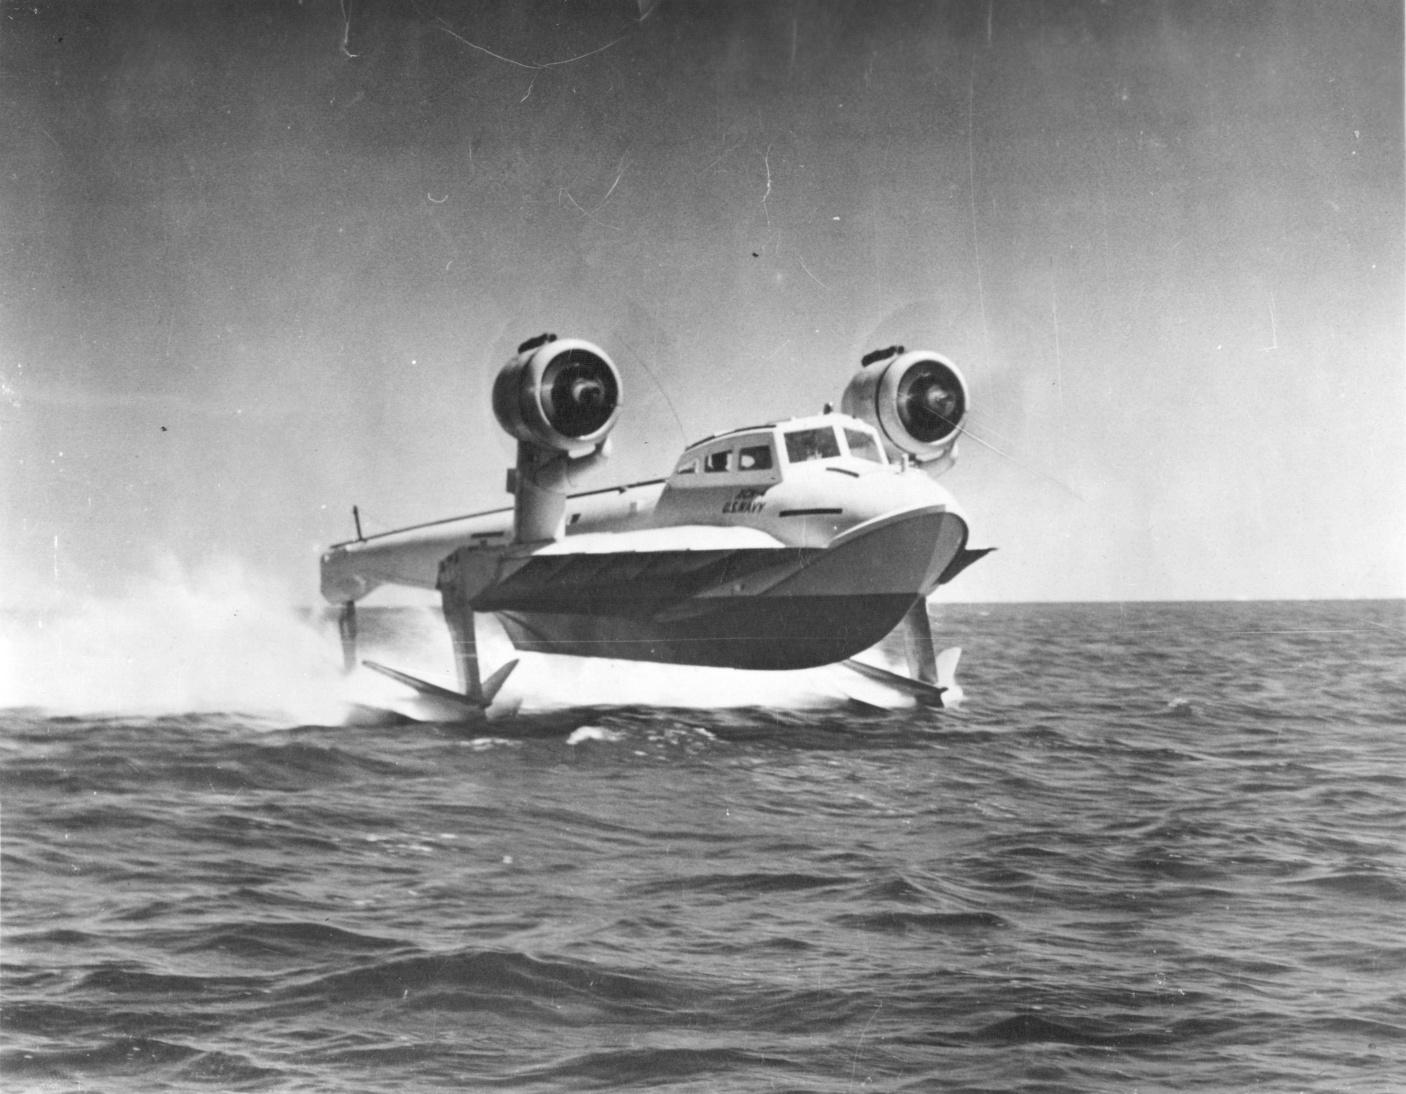 Hydrofoil - Wikipedia